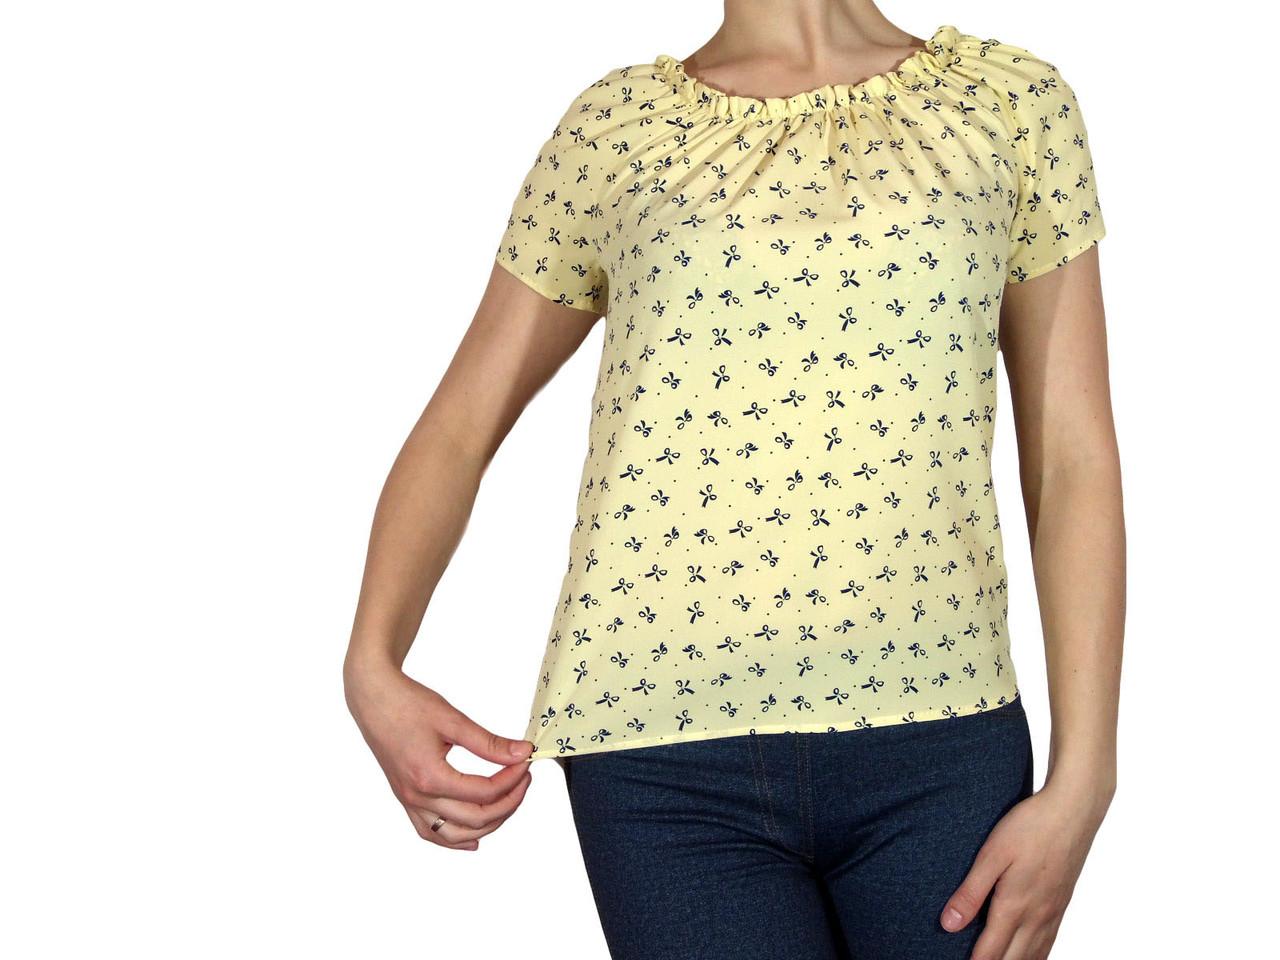 """Женская блузка с коротким рукавом и сборкой тм """"Tasani"""" желтая с бантиками"""